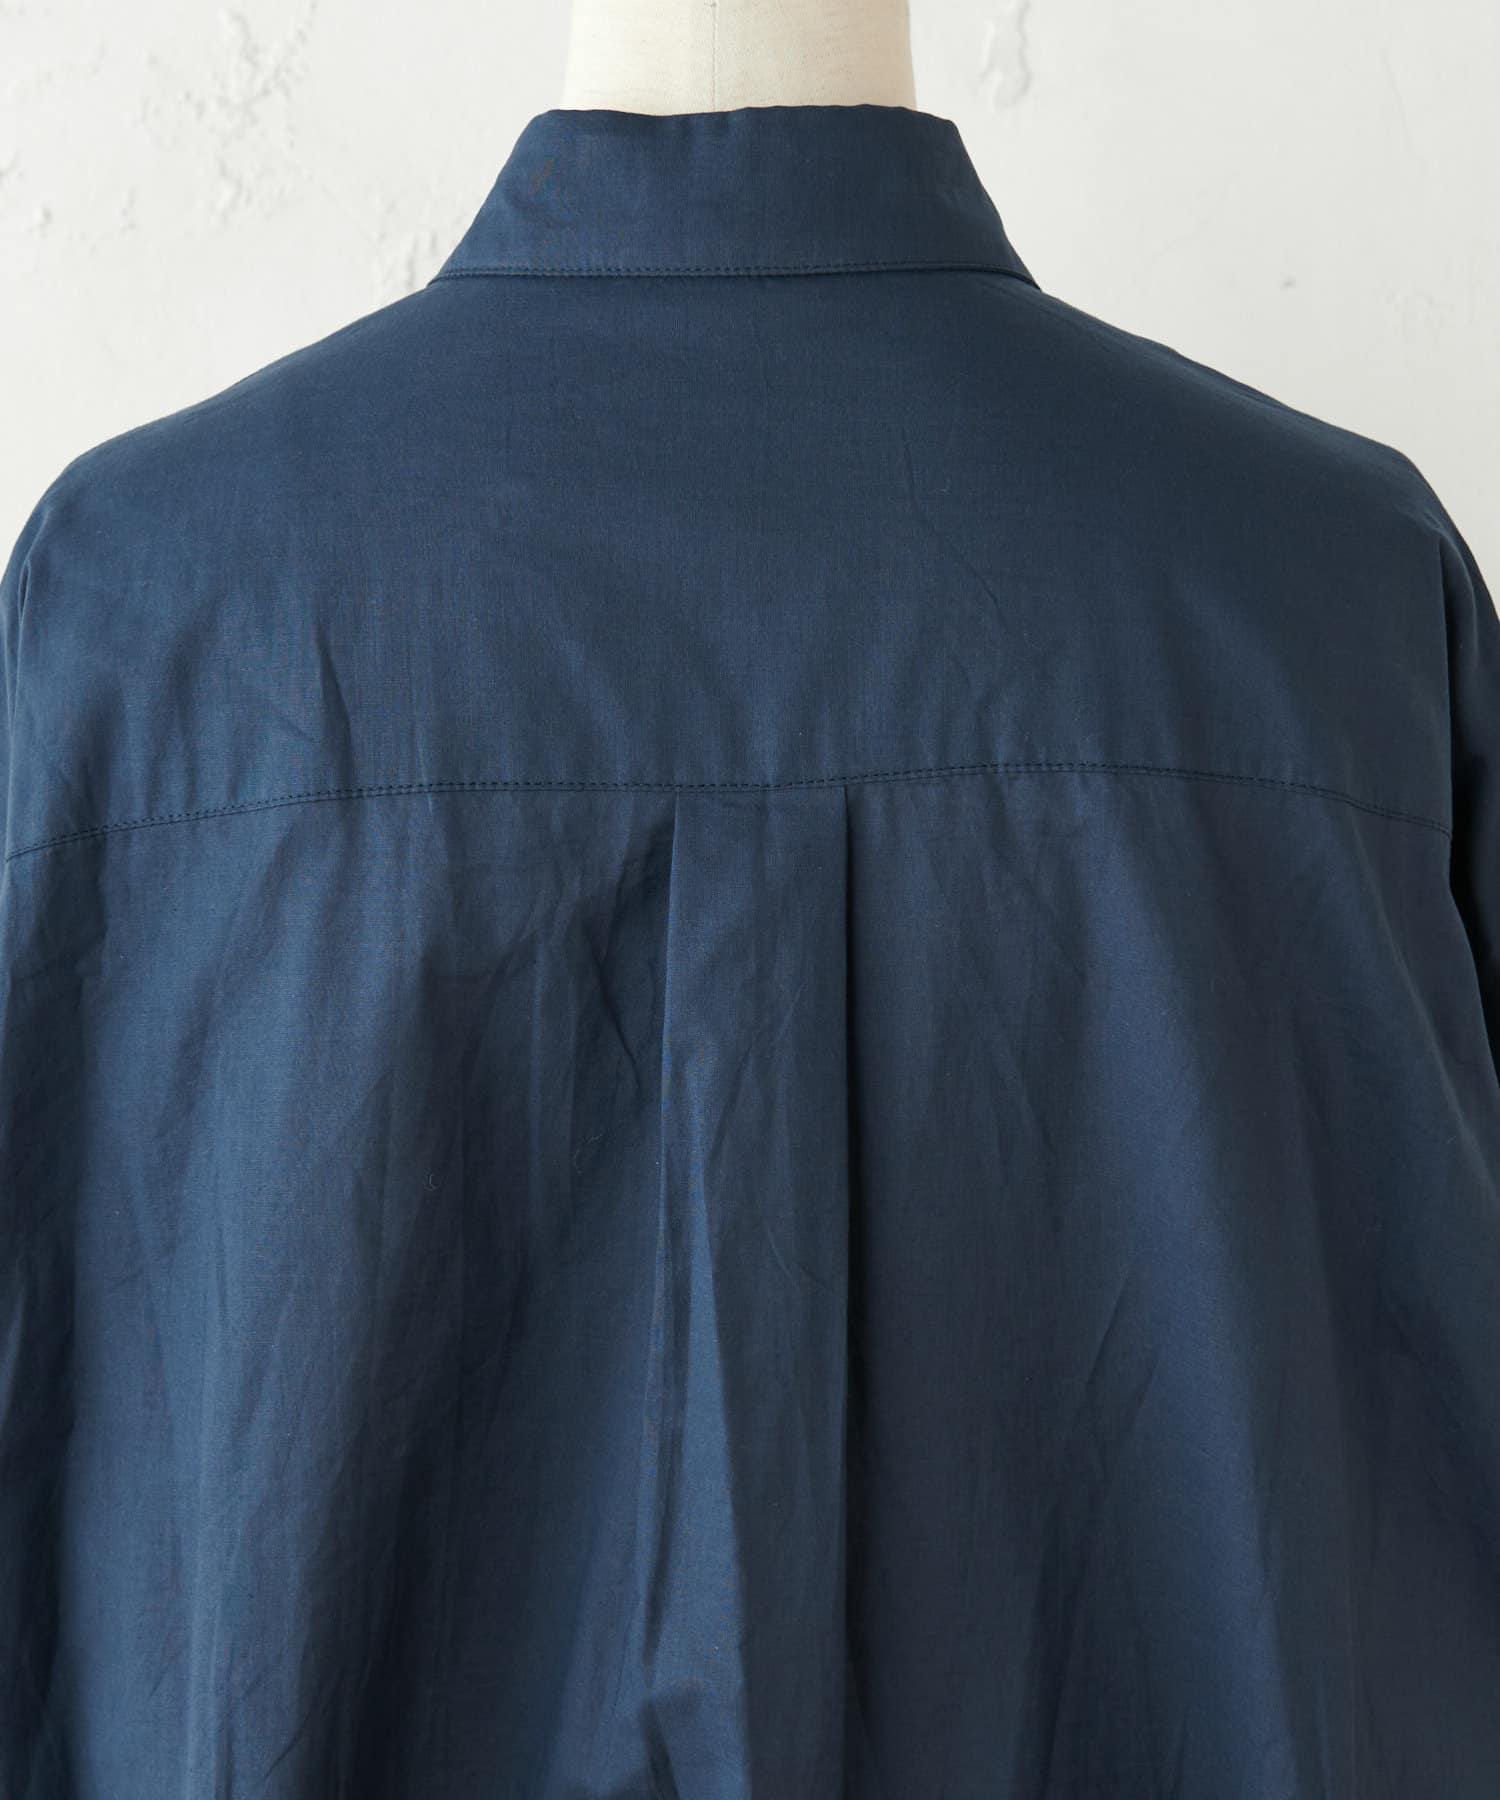 BEARDSLEY(ビアズリー) 後ろふっくらシャツ